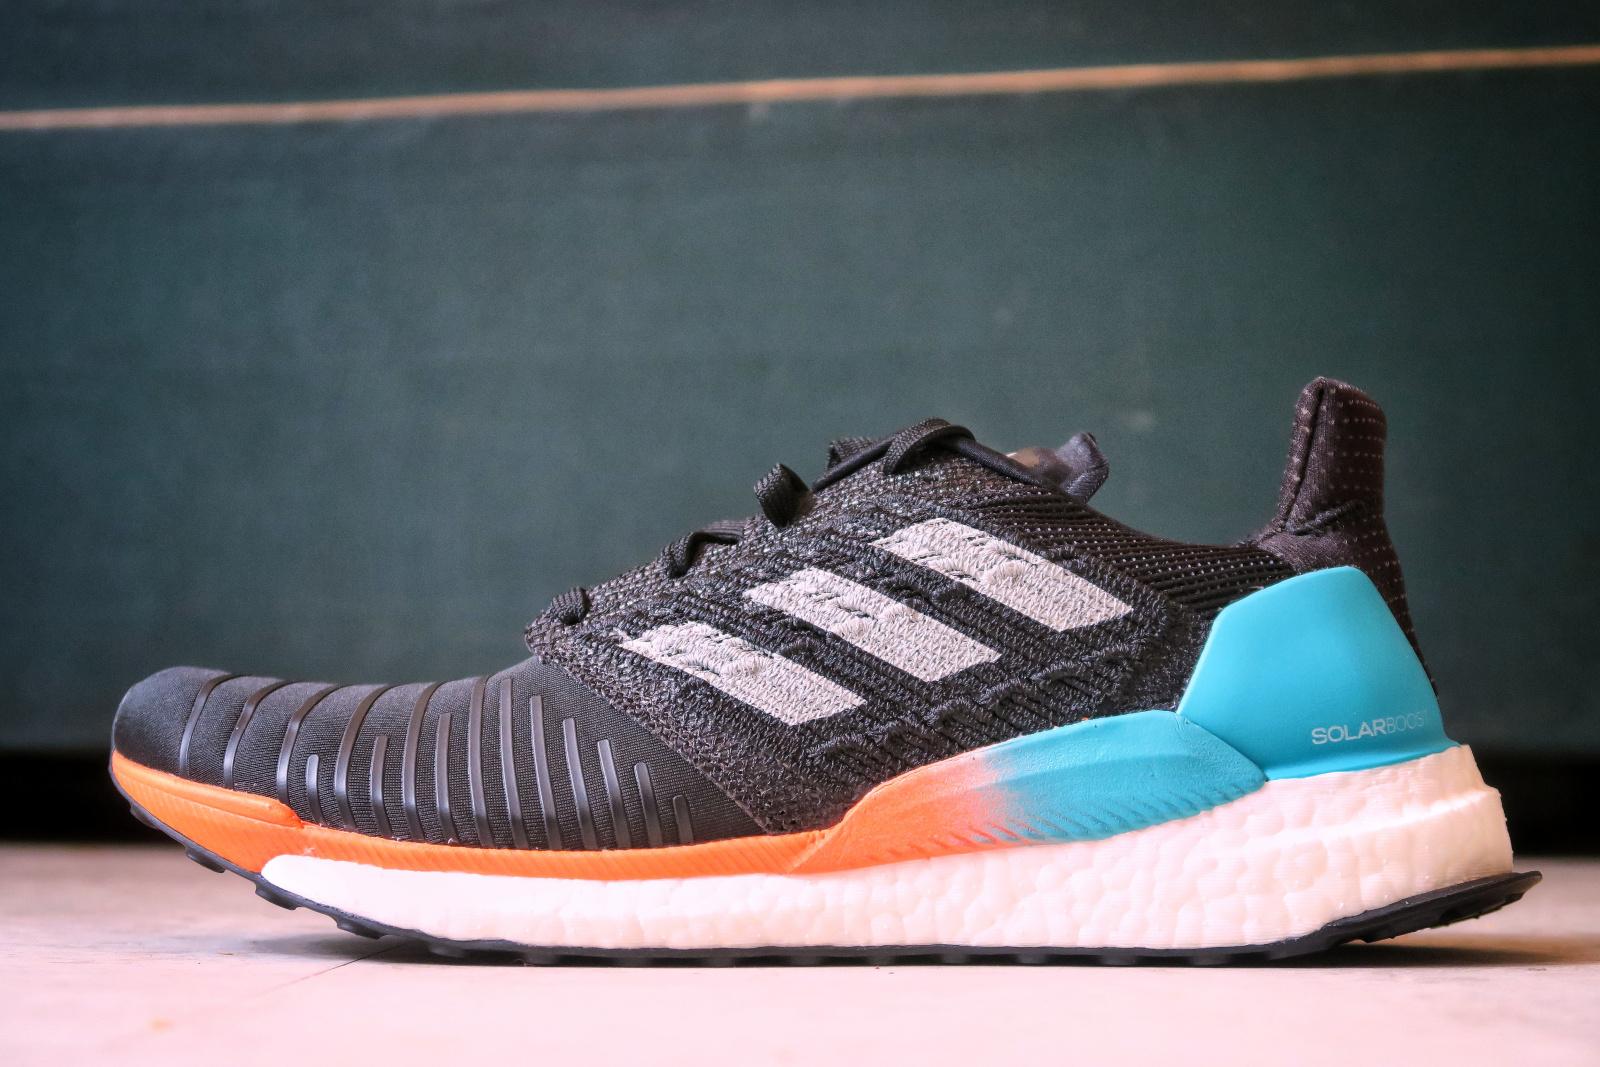 L'Adidas Solar Boost vue de profil